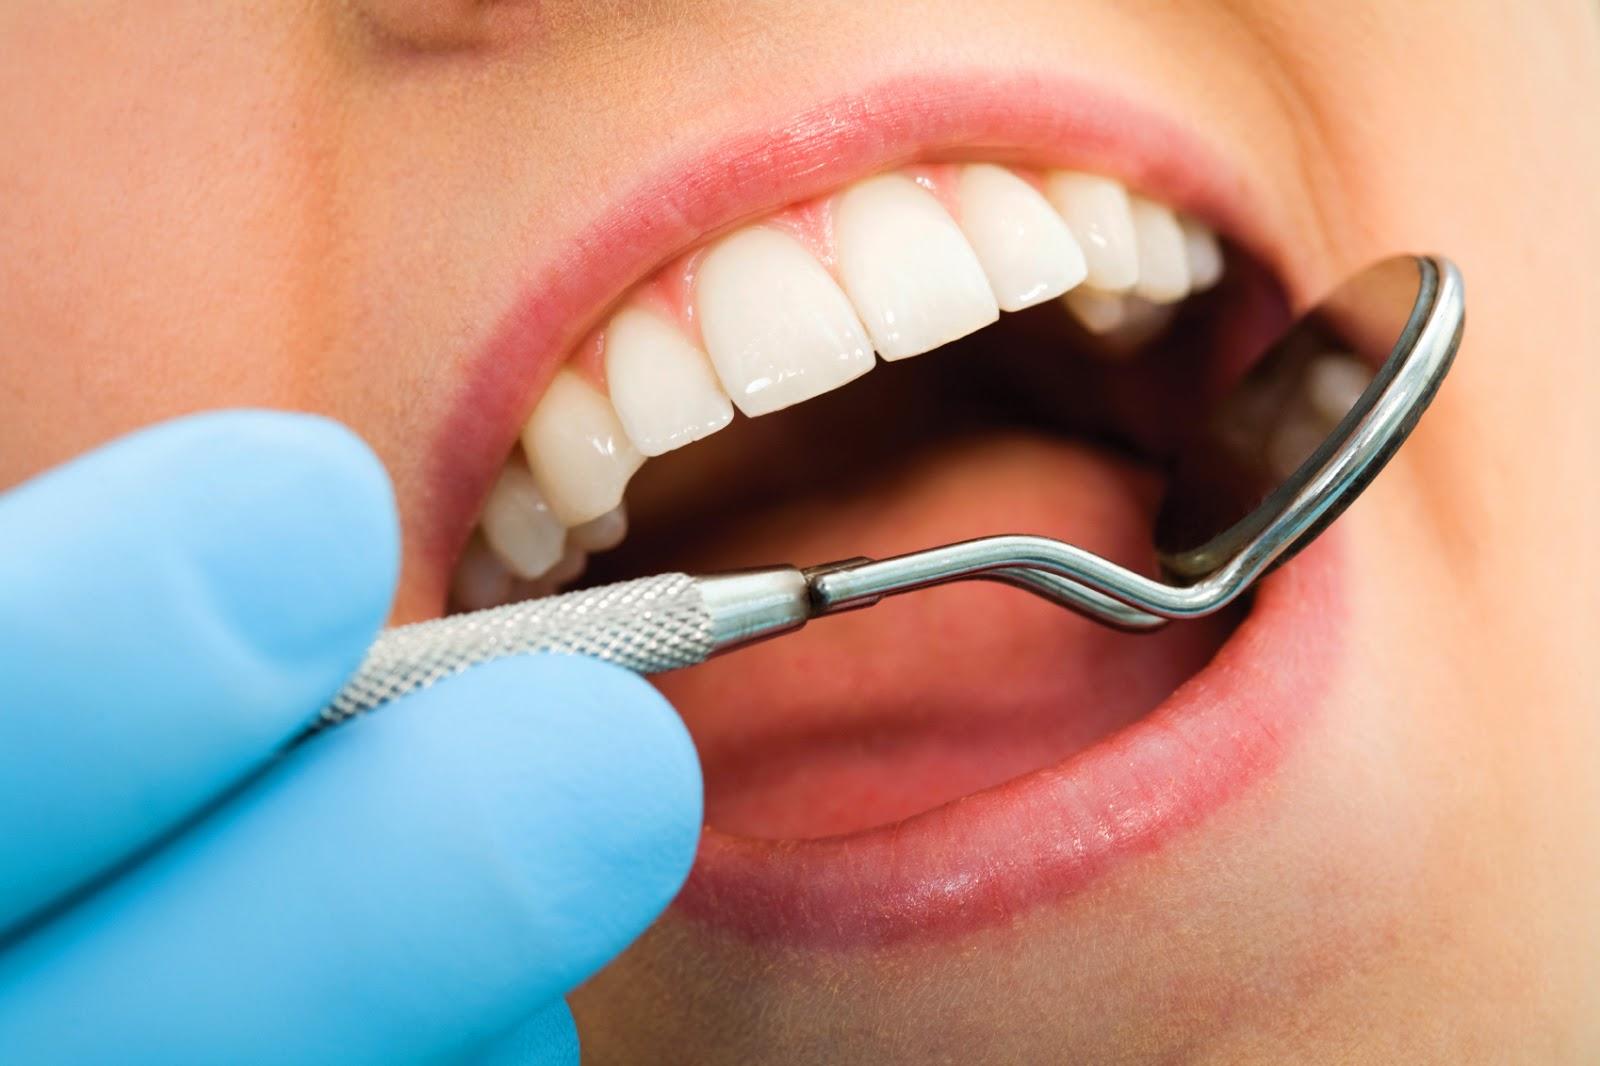 Les dents de mon conjoint, de bébé et les miennes - Concours (fermé) - #MamanPG